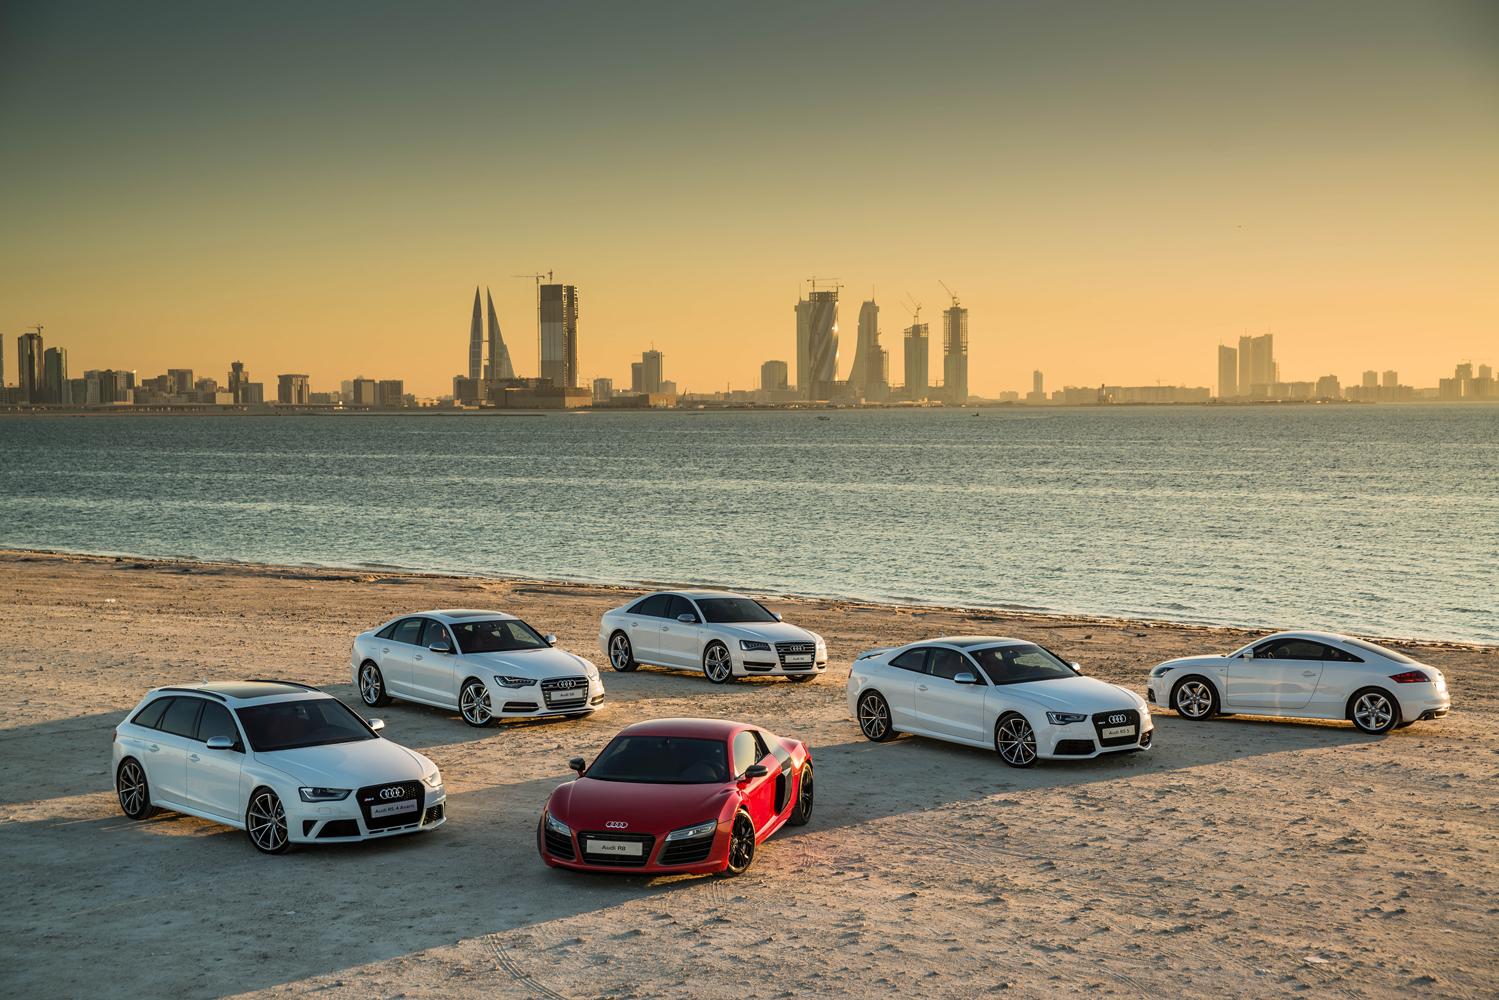 Audi Bahrain National Day Shoot Bahrain - Ali Haji.jpg